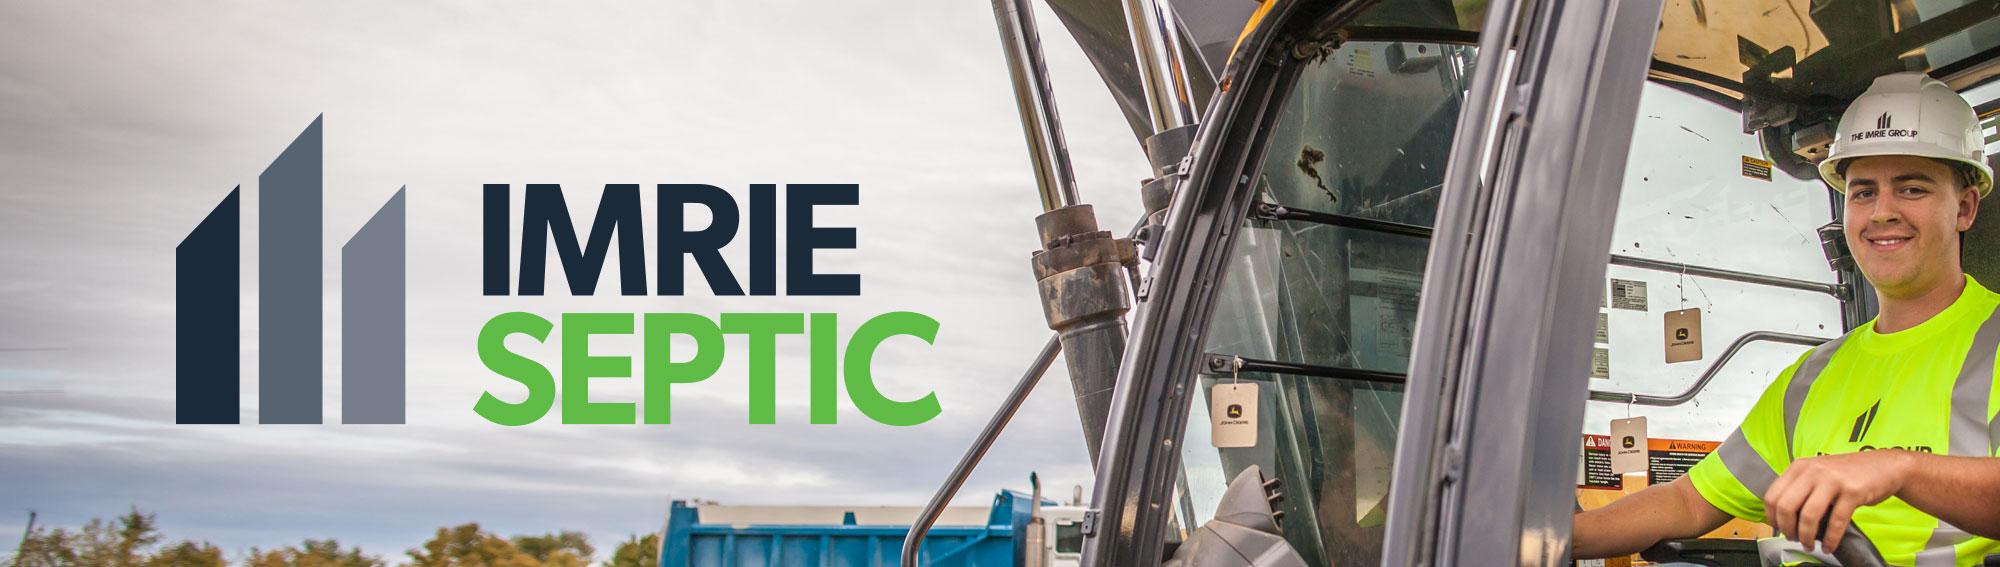 IMRIE-Septic.jpg